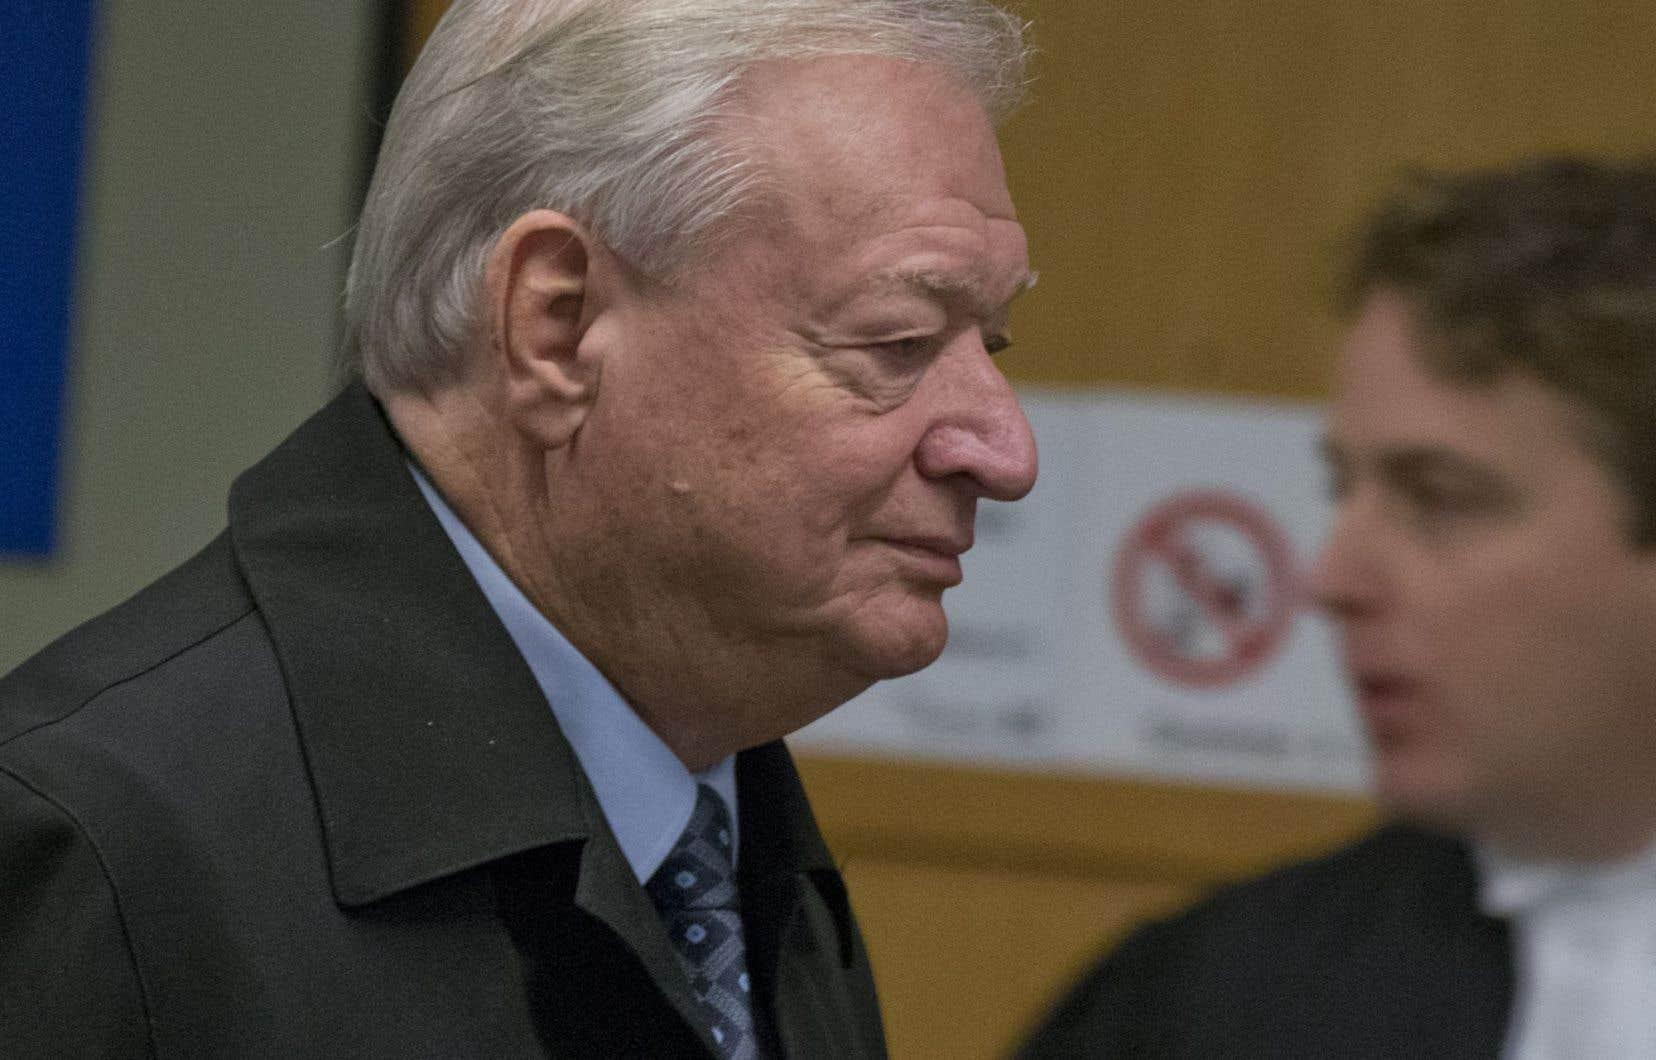 L'ex-maire de Laval à son arrivée au palais de justice jeudi matin.